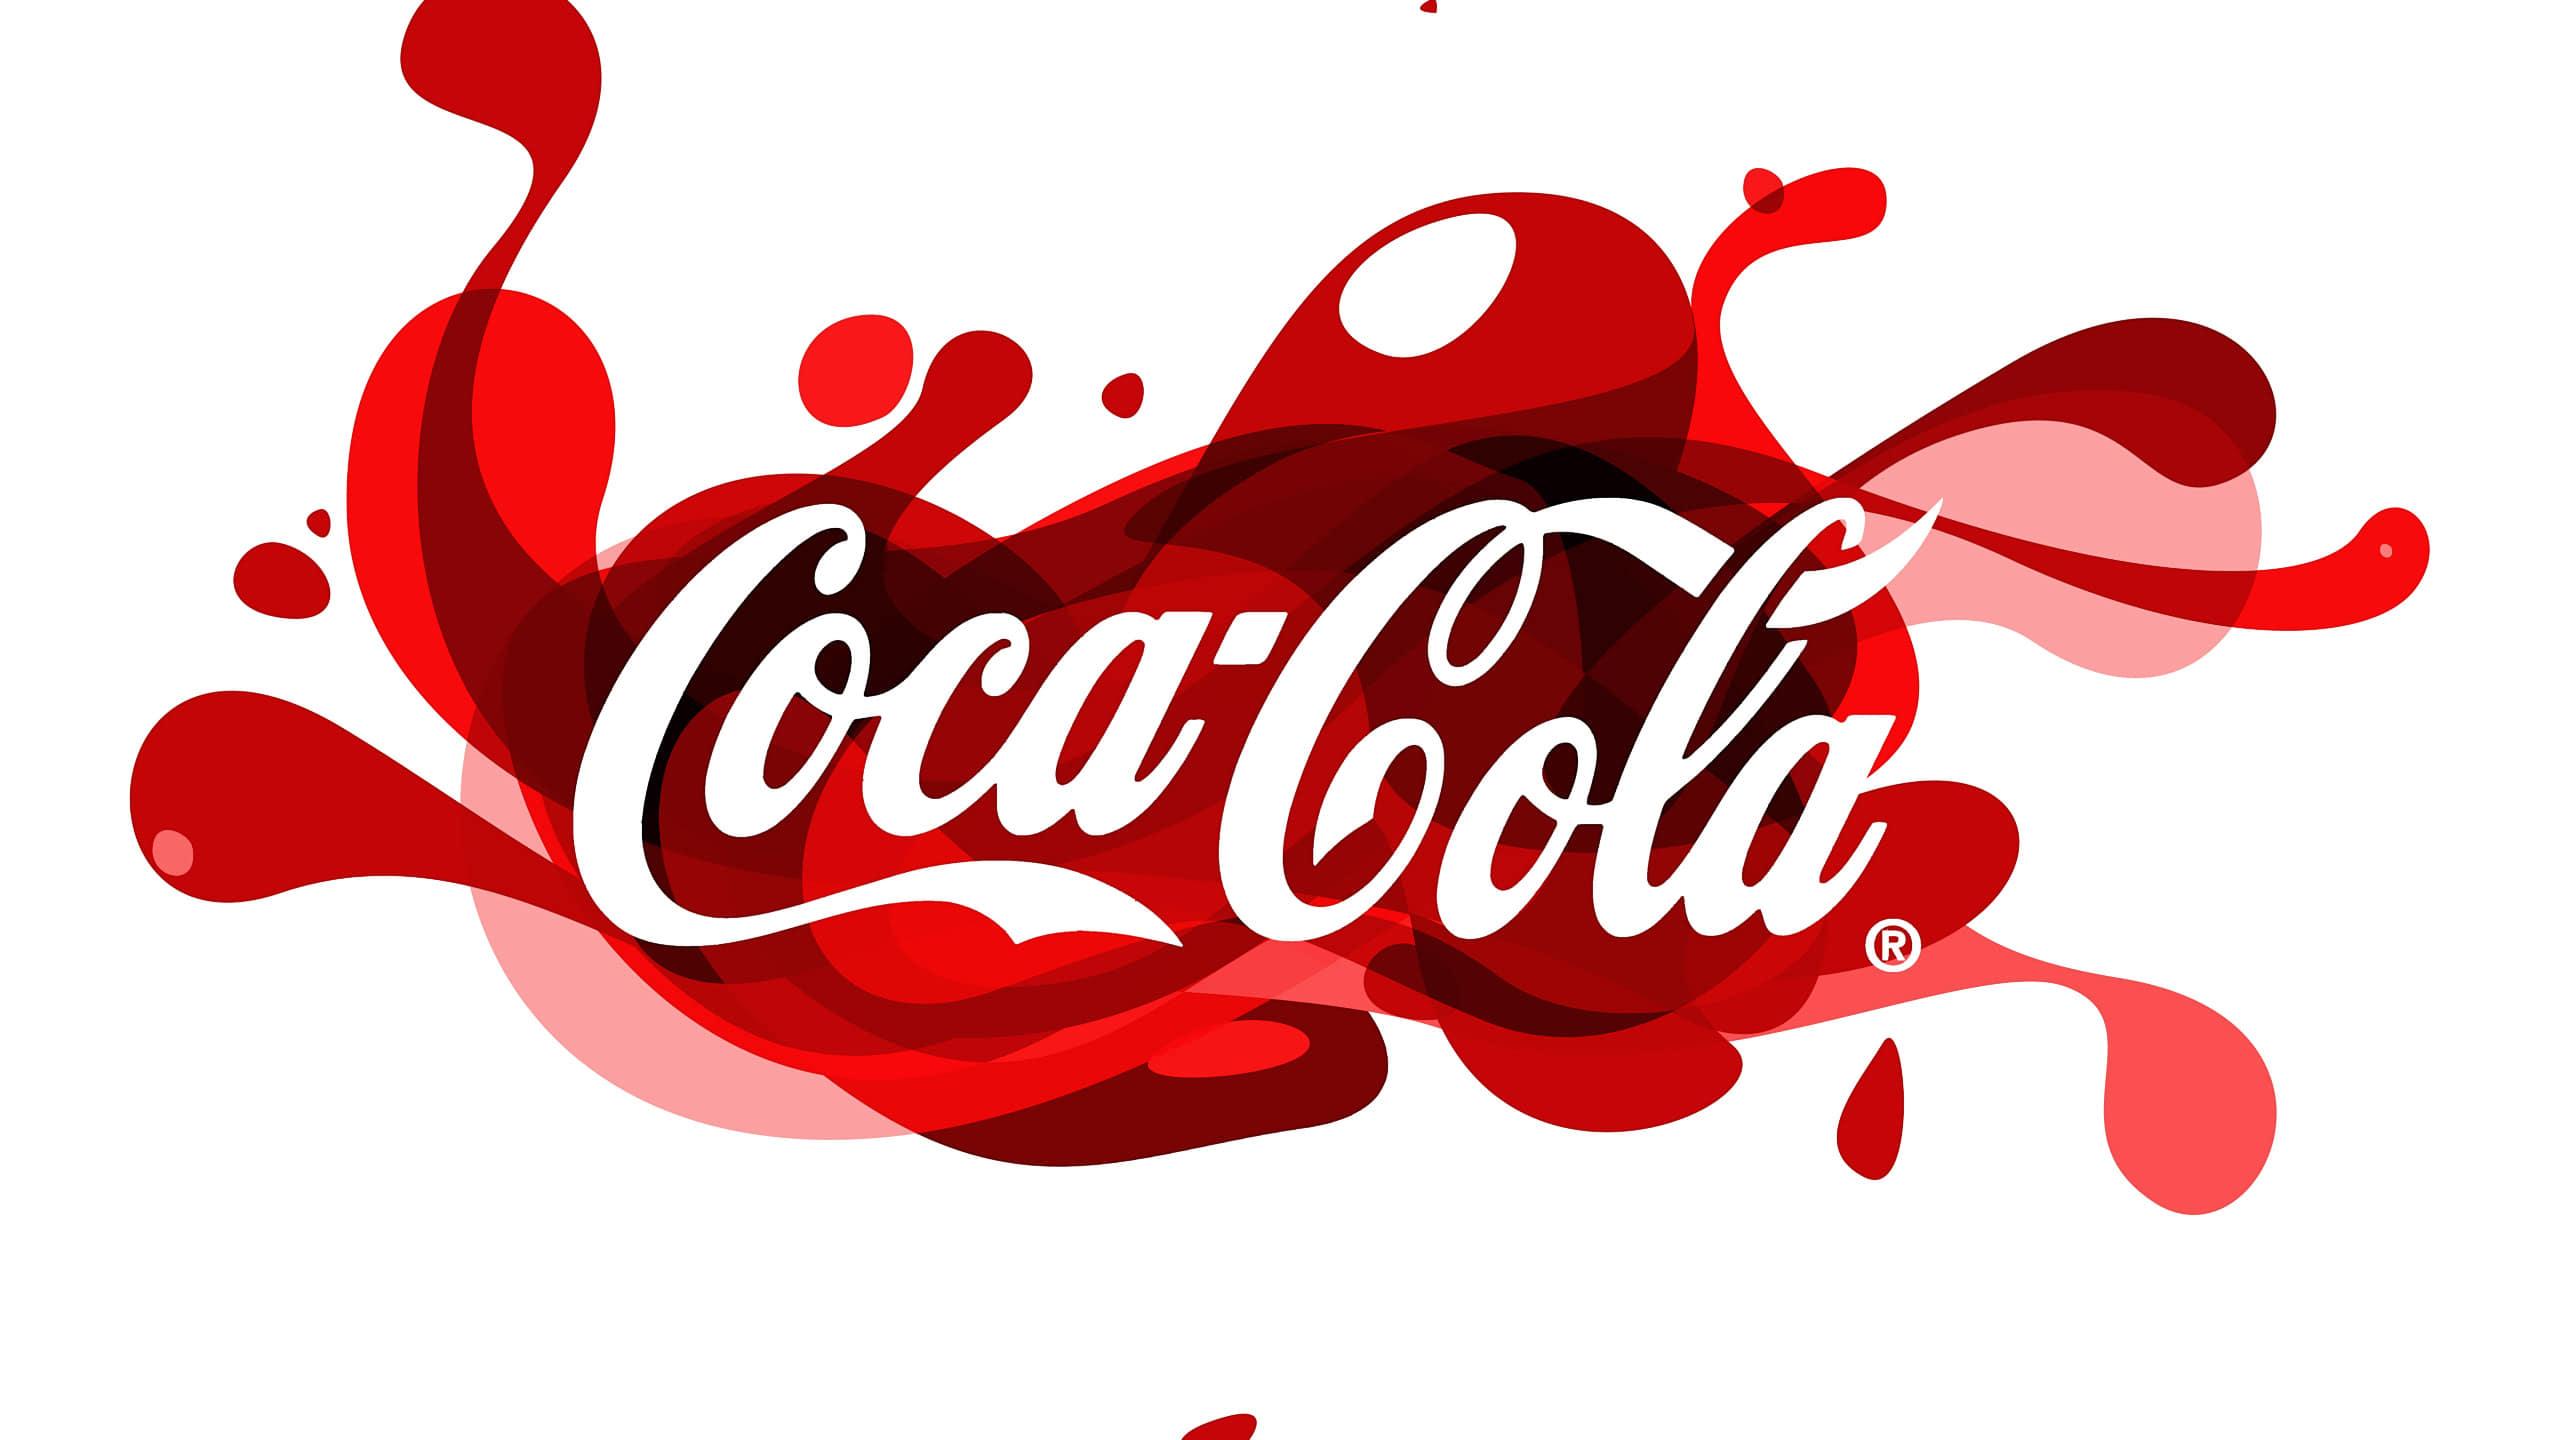 coca cola logo wqhd 1440p wallpaper